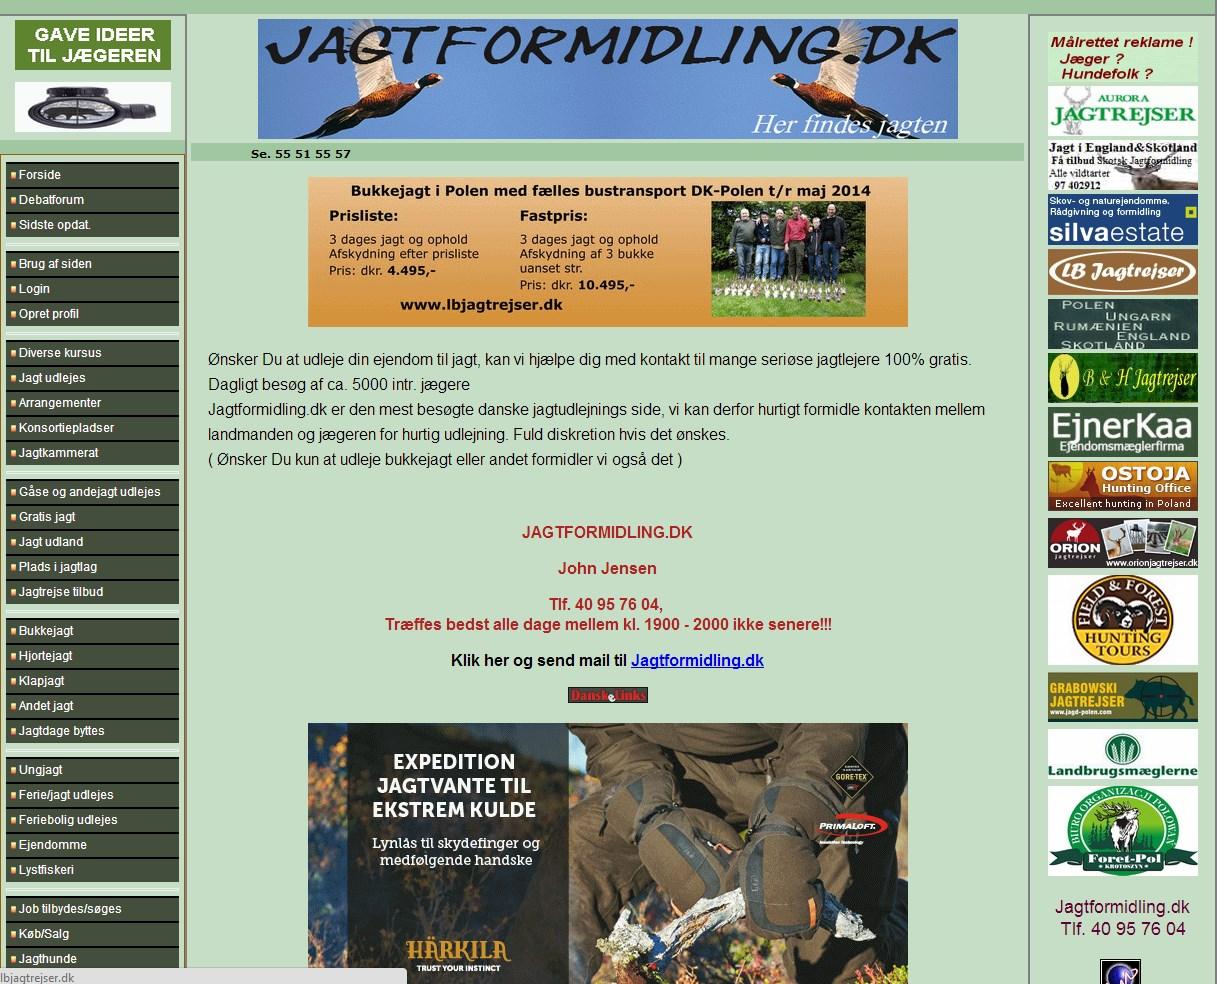 Jagtformidling.dk